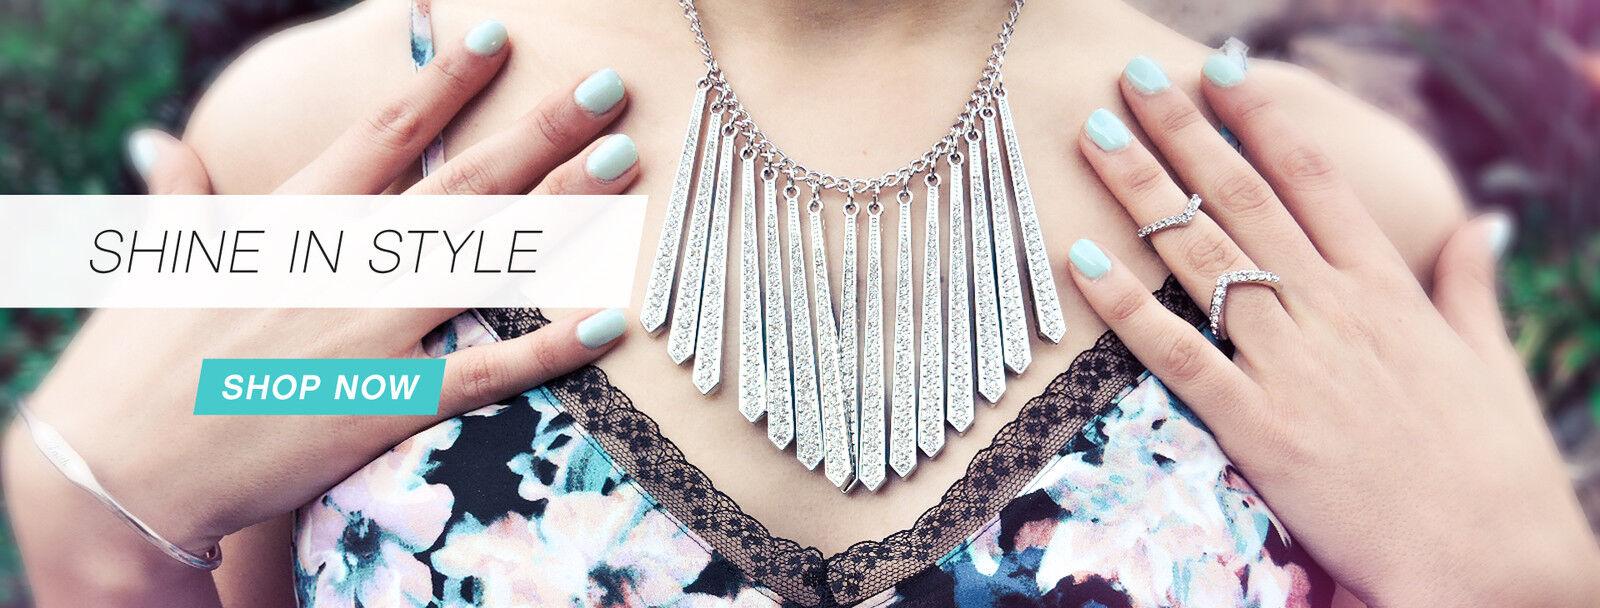 Helen's Jewels